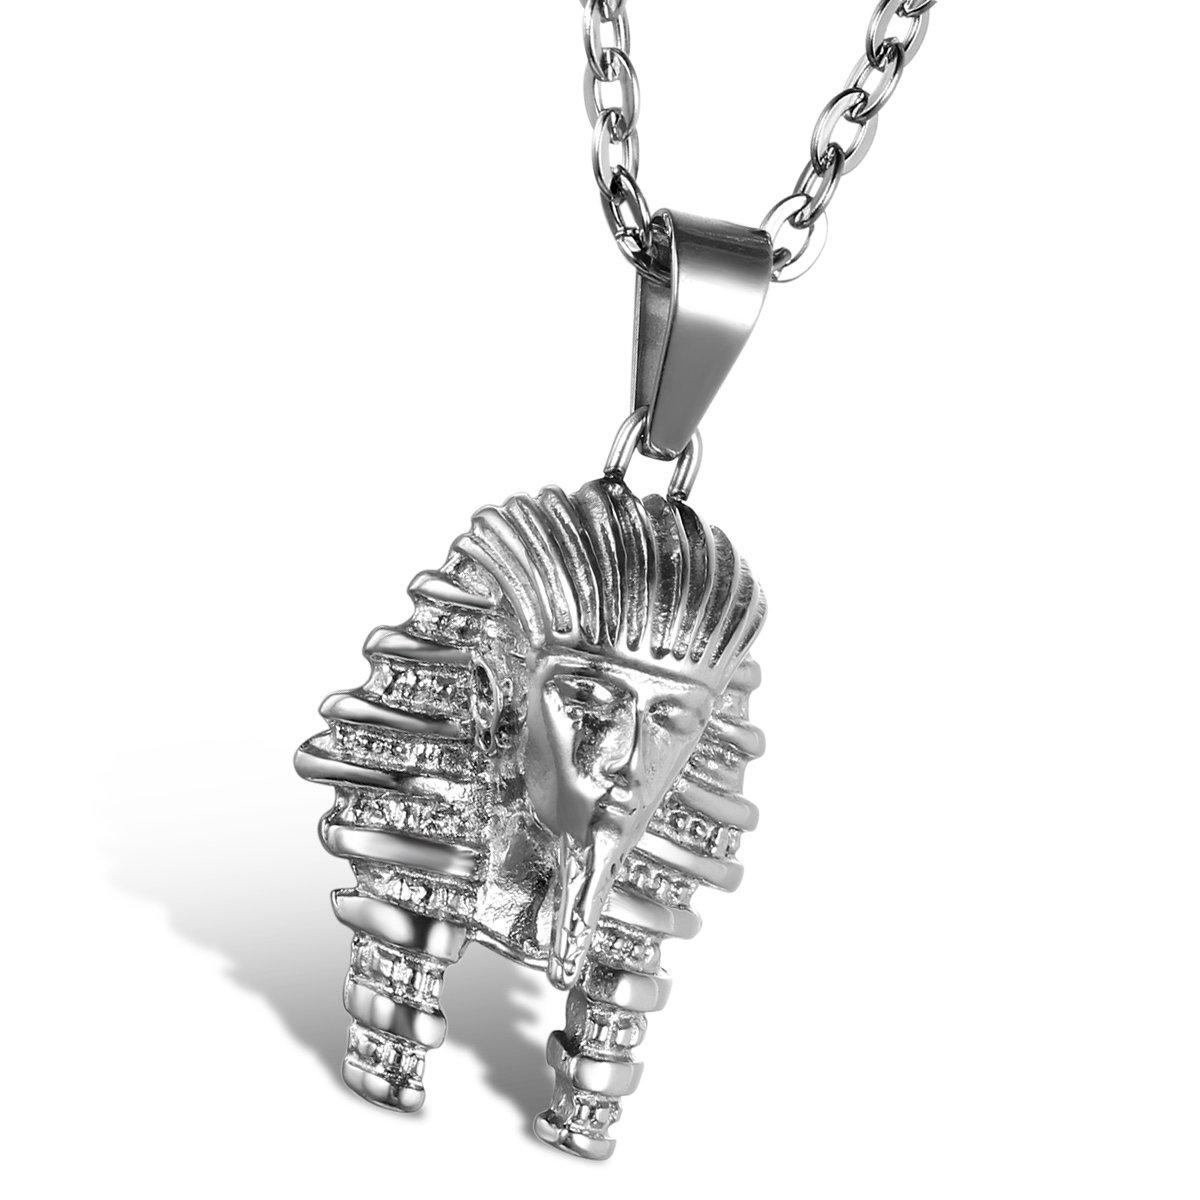 Oidea Herren Halskette mit Anhänger, Edelstahl Vintage Ägypten Ägyptisches Pharao Anhänger mit 55cm Kette Halsband, Silber Oidea1137